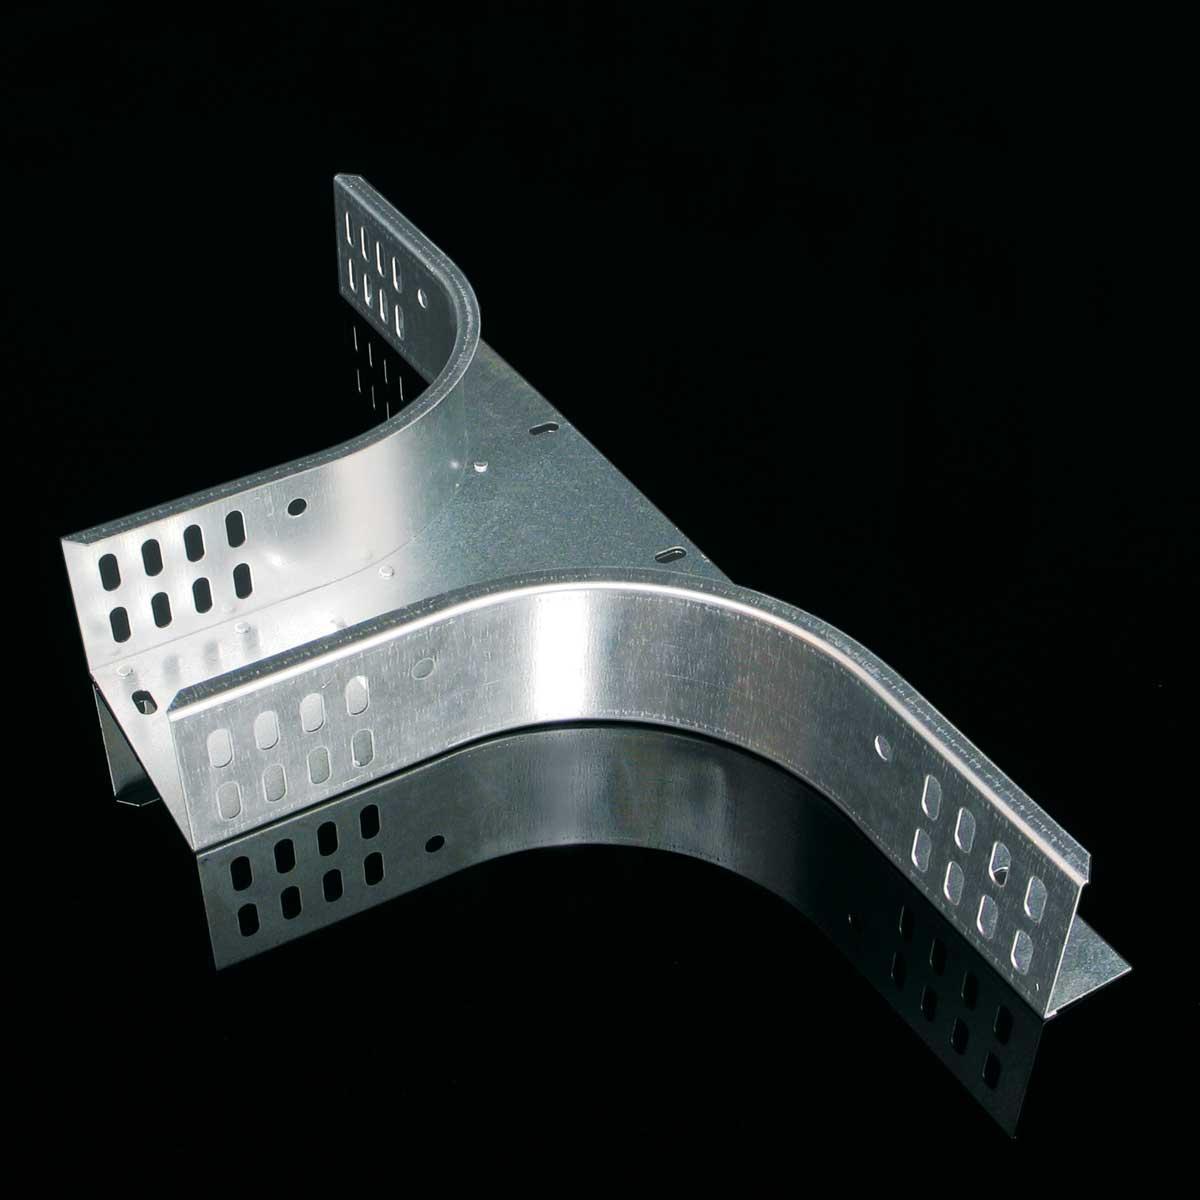 Відгалуження горизонтальне для лотка JUPITER; розміри-60x200x600mm Товщ. метал-1 Вага-1,04кг/м